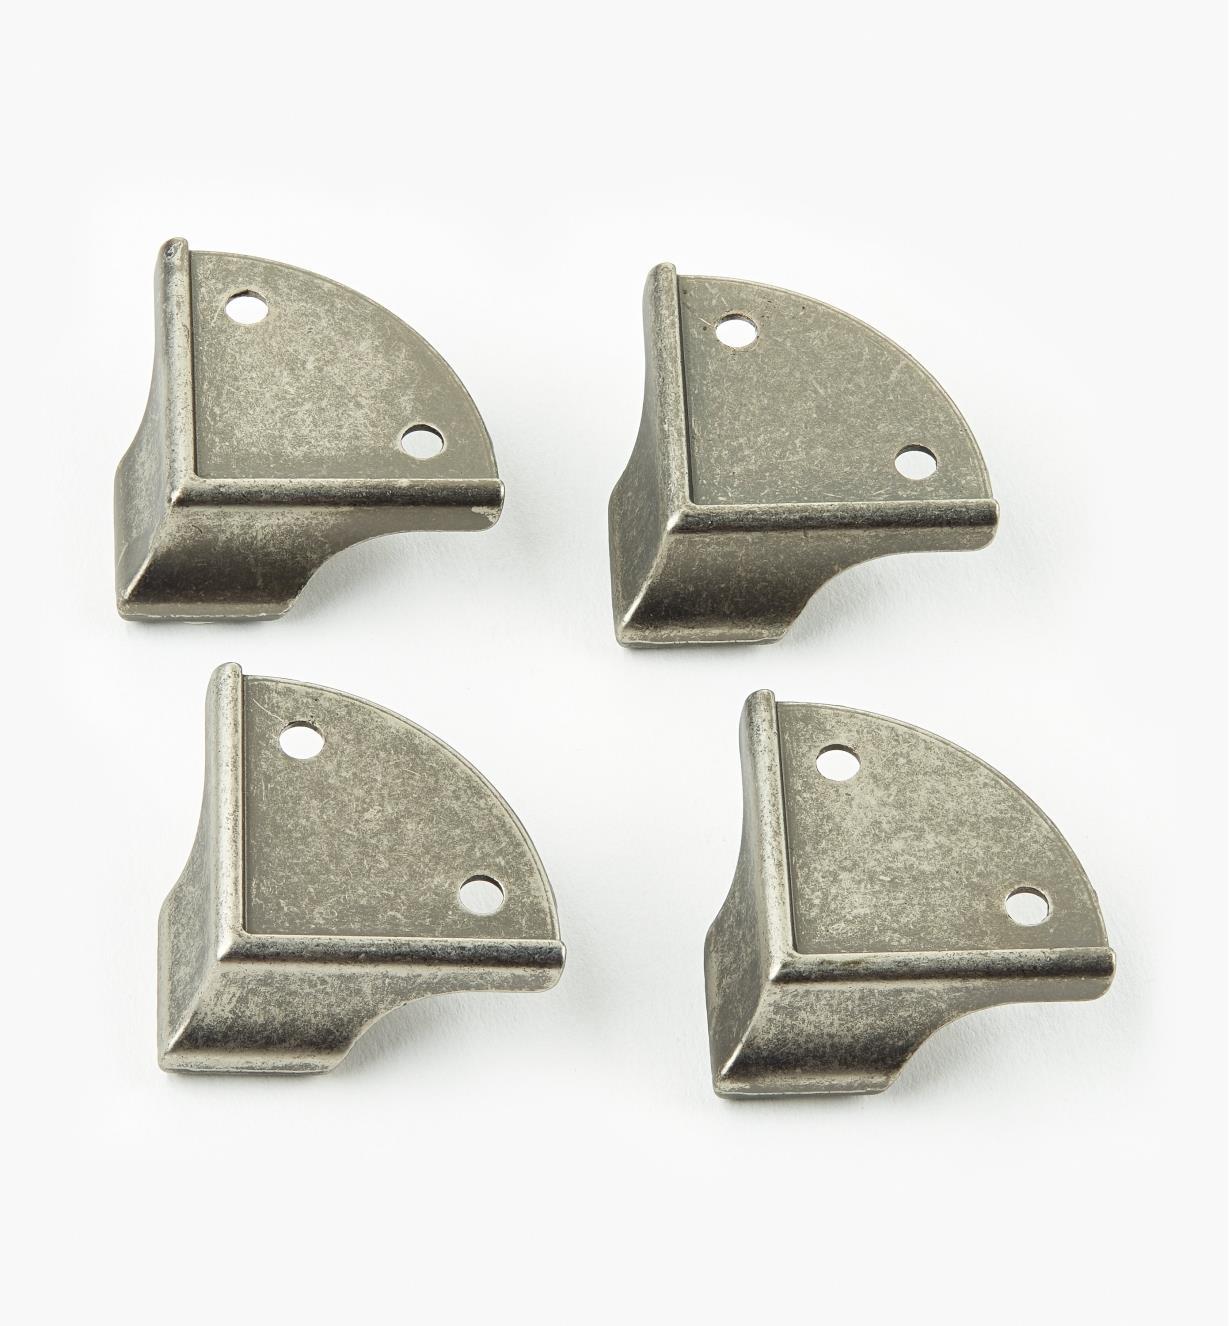 05H3150 - Pieds de coffret coulés, étain, lepaquetde4